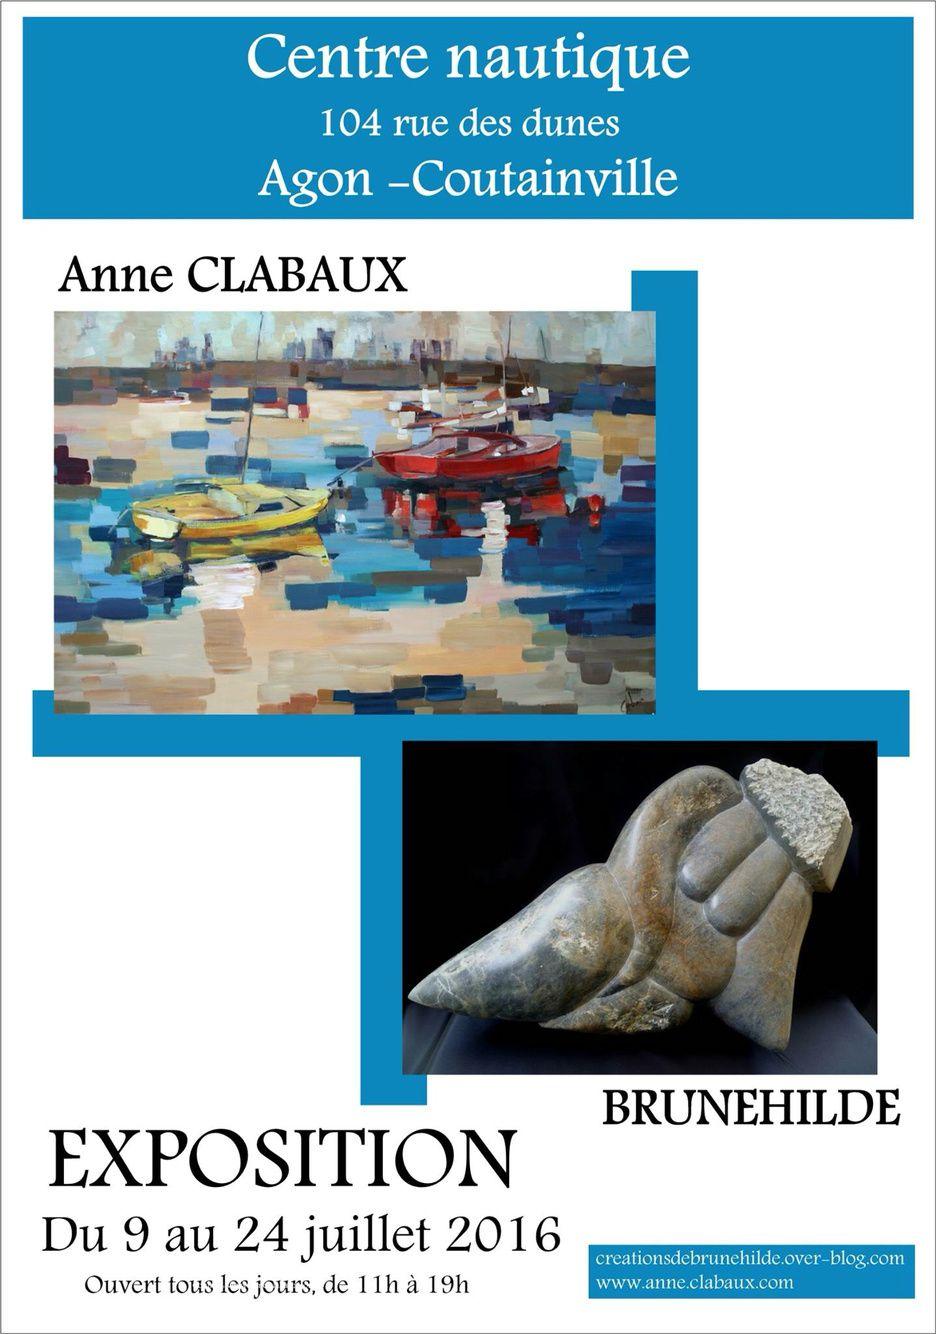 Expo des sculptures de Brunehilde et des peintures d'Anne Clabaux au Centre Nautique d'Agon-Coutainville jusqu'au 24 juillet 16